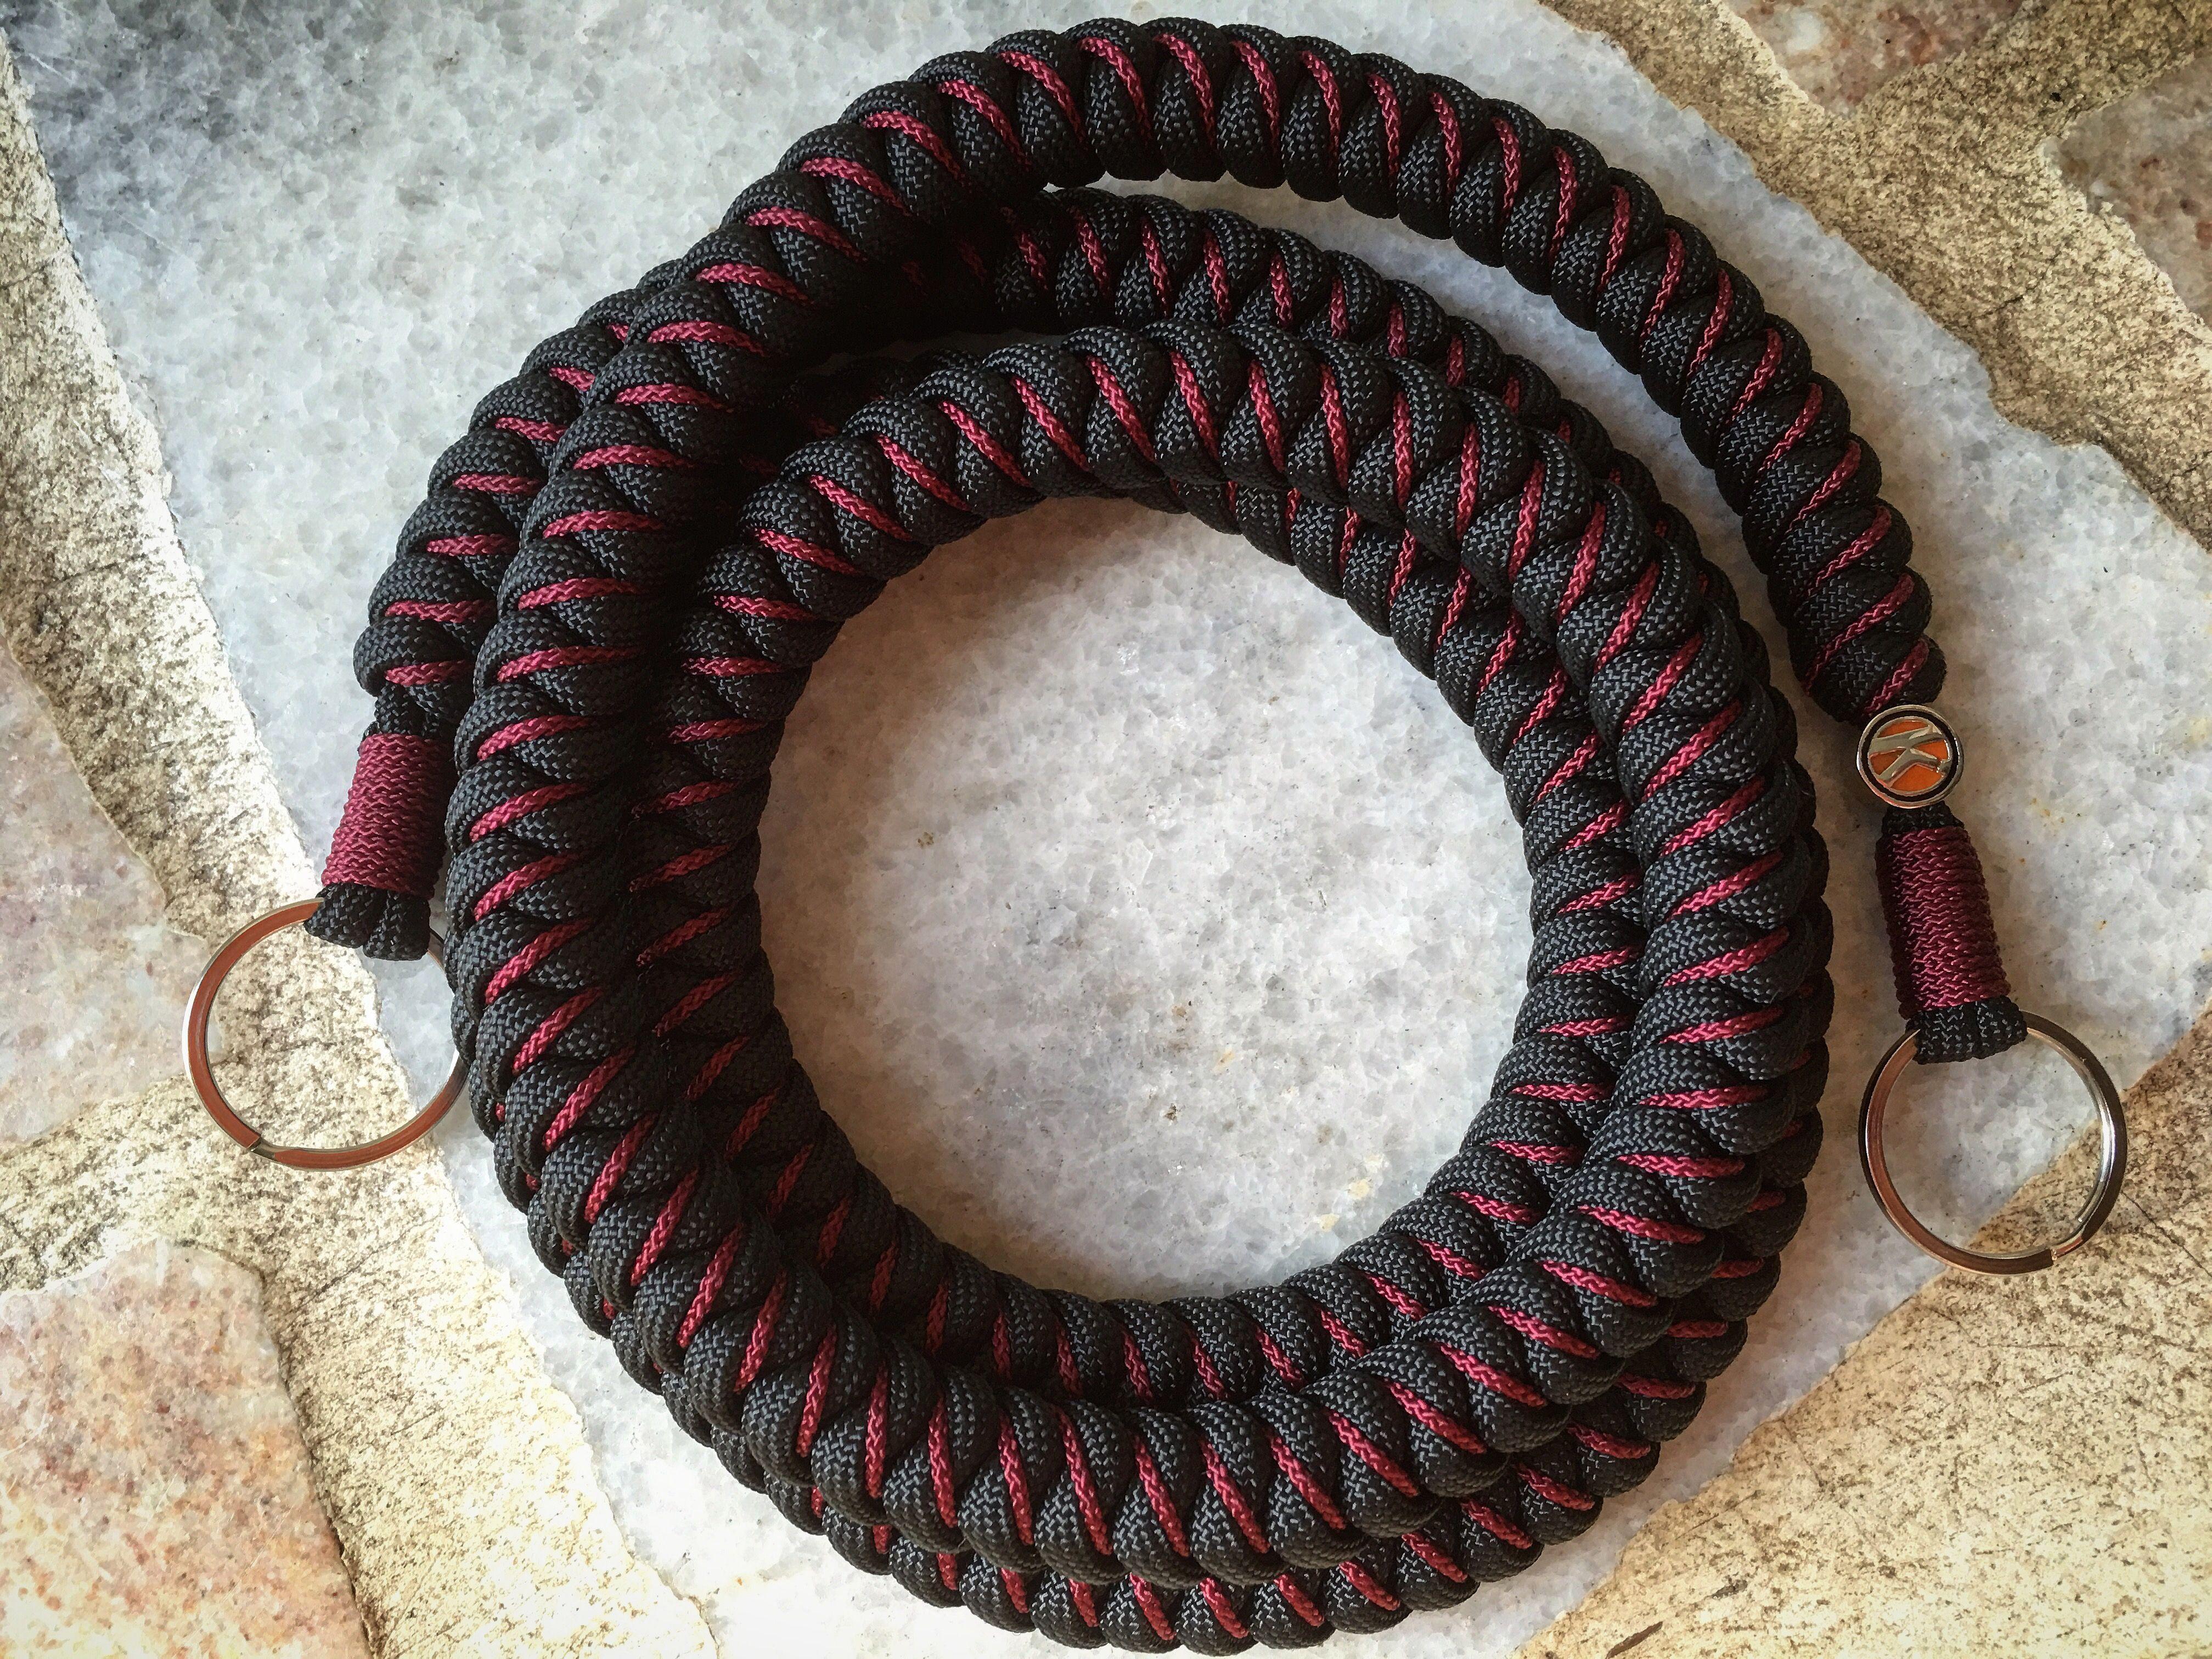 Stitched Snake Knot Camera Strap Diy Camera Strap Paracord